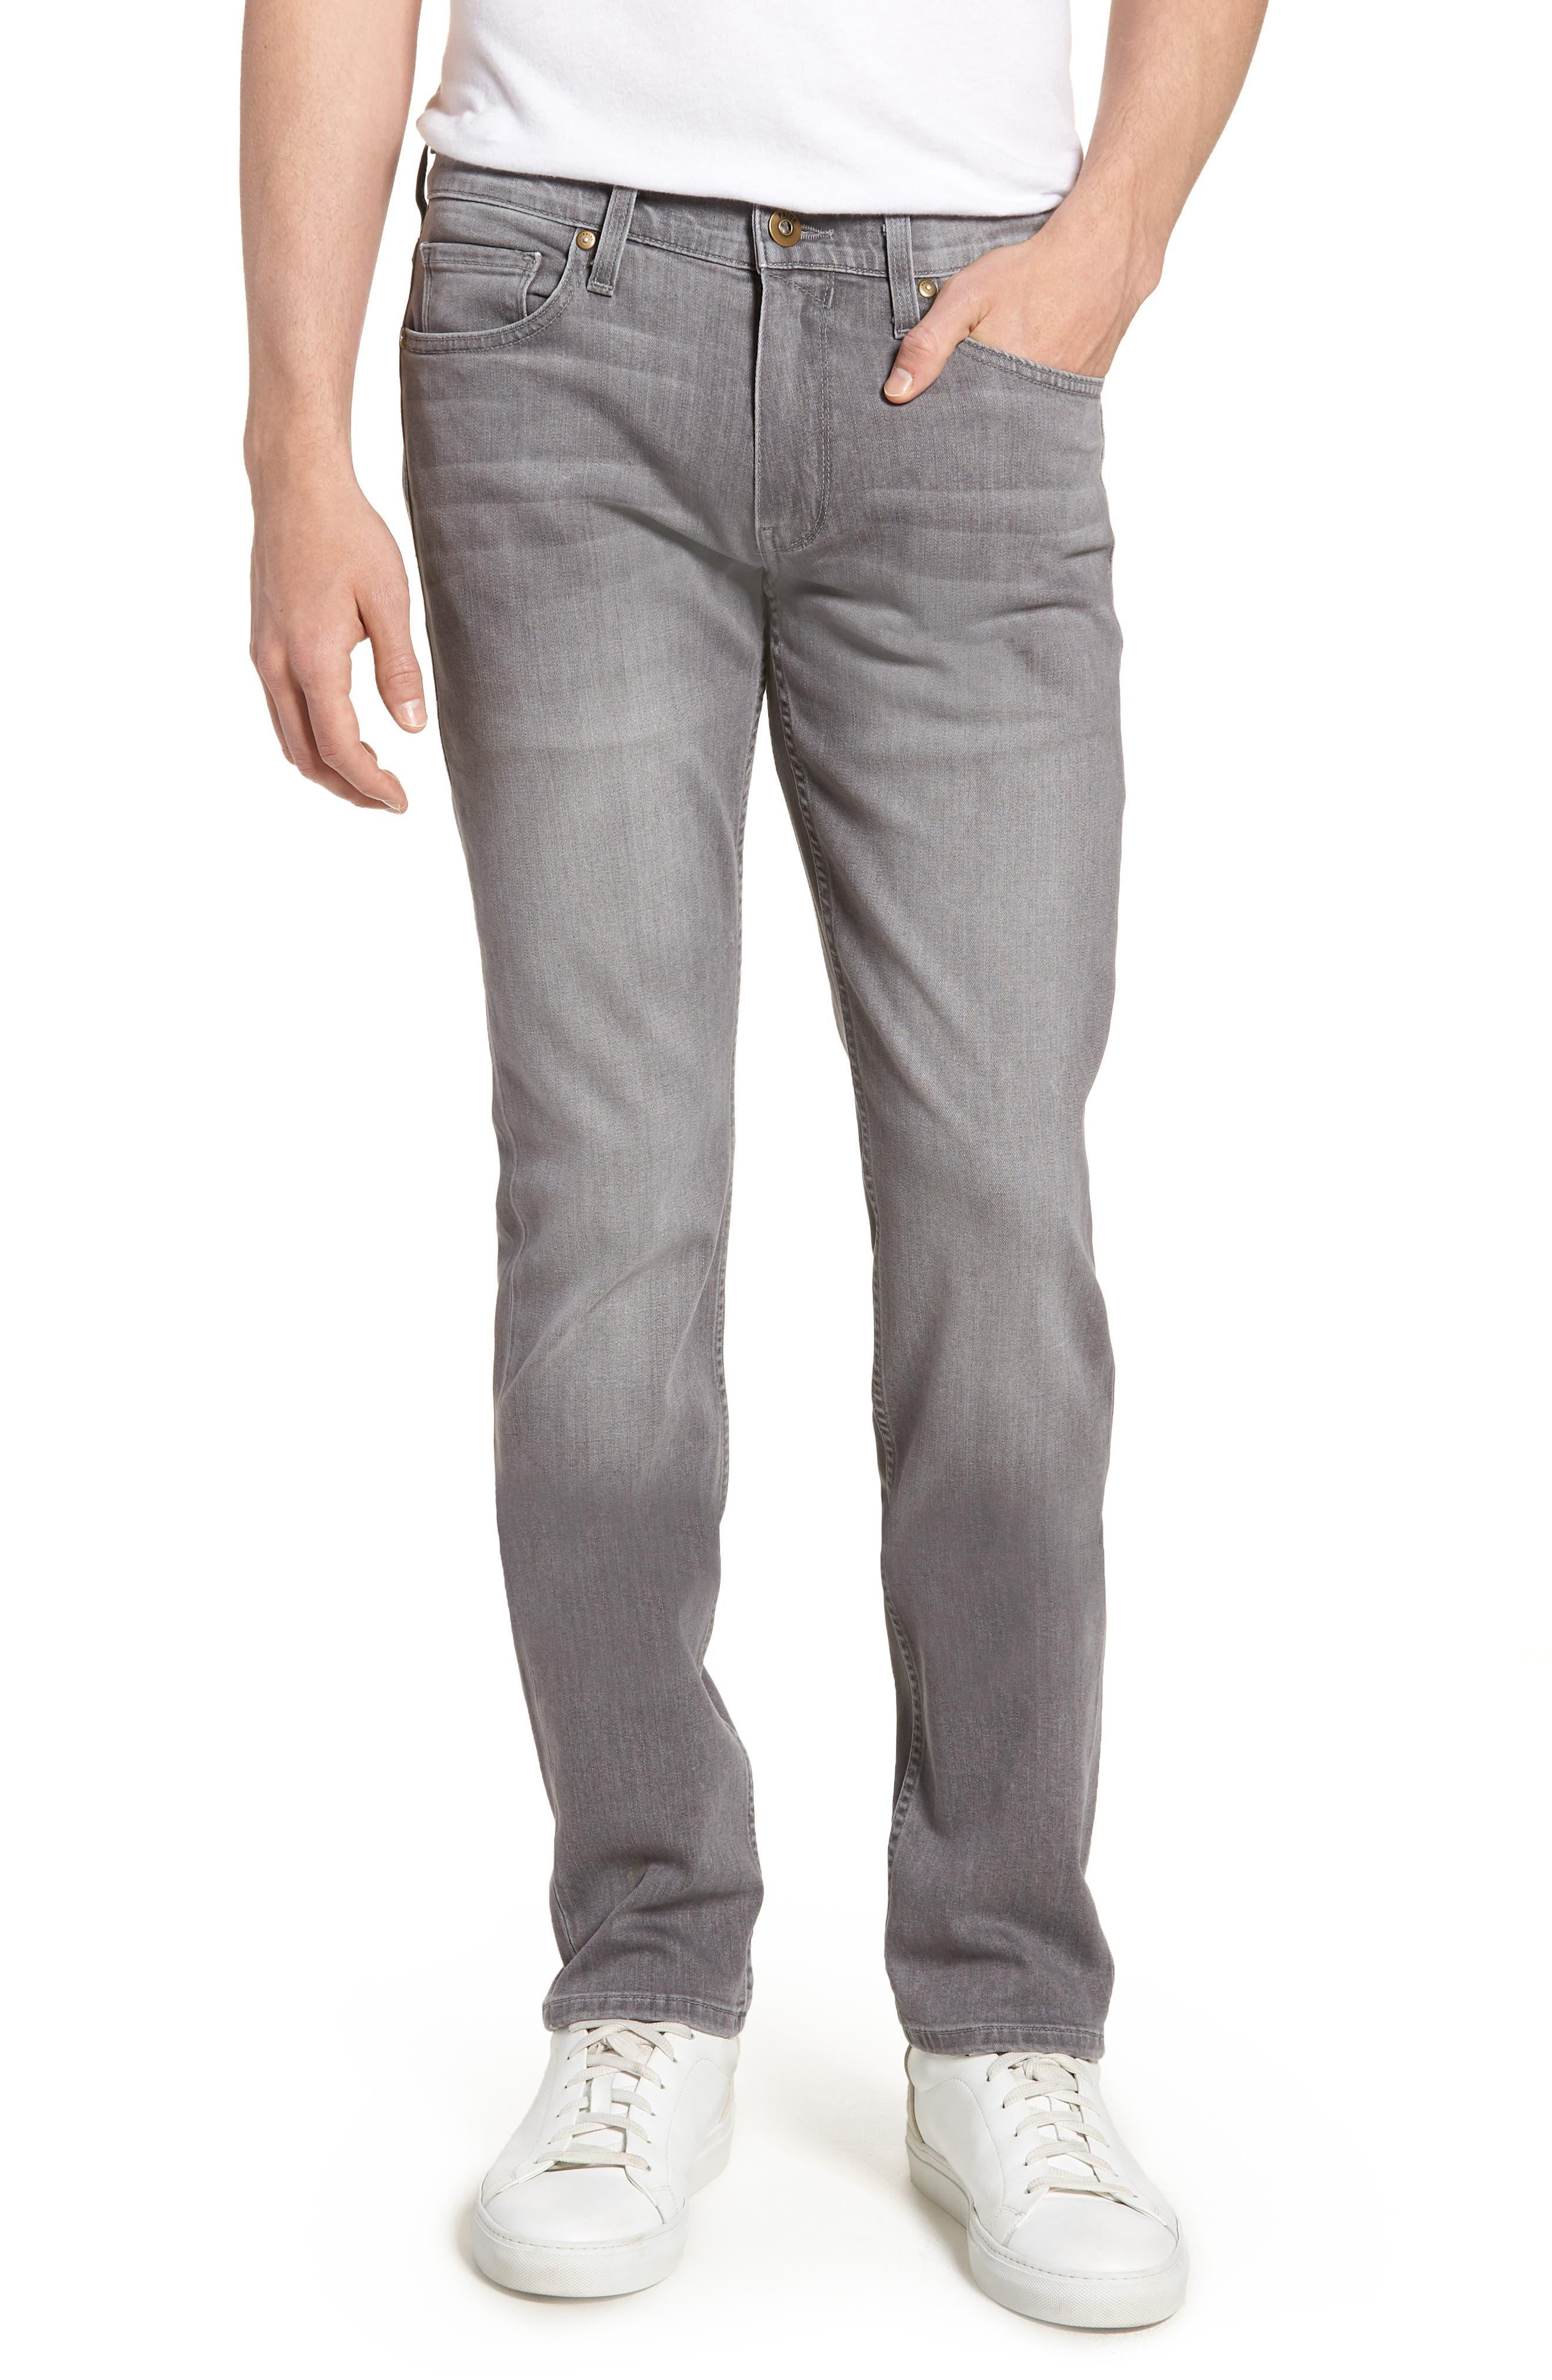 PAIGE Transcend - Lennox Slim Fit Jeans (Annex)